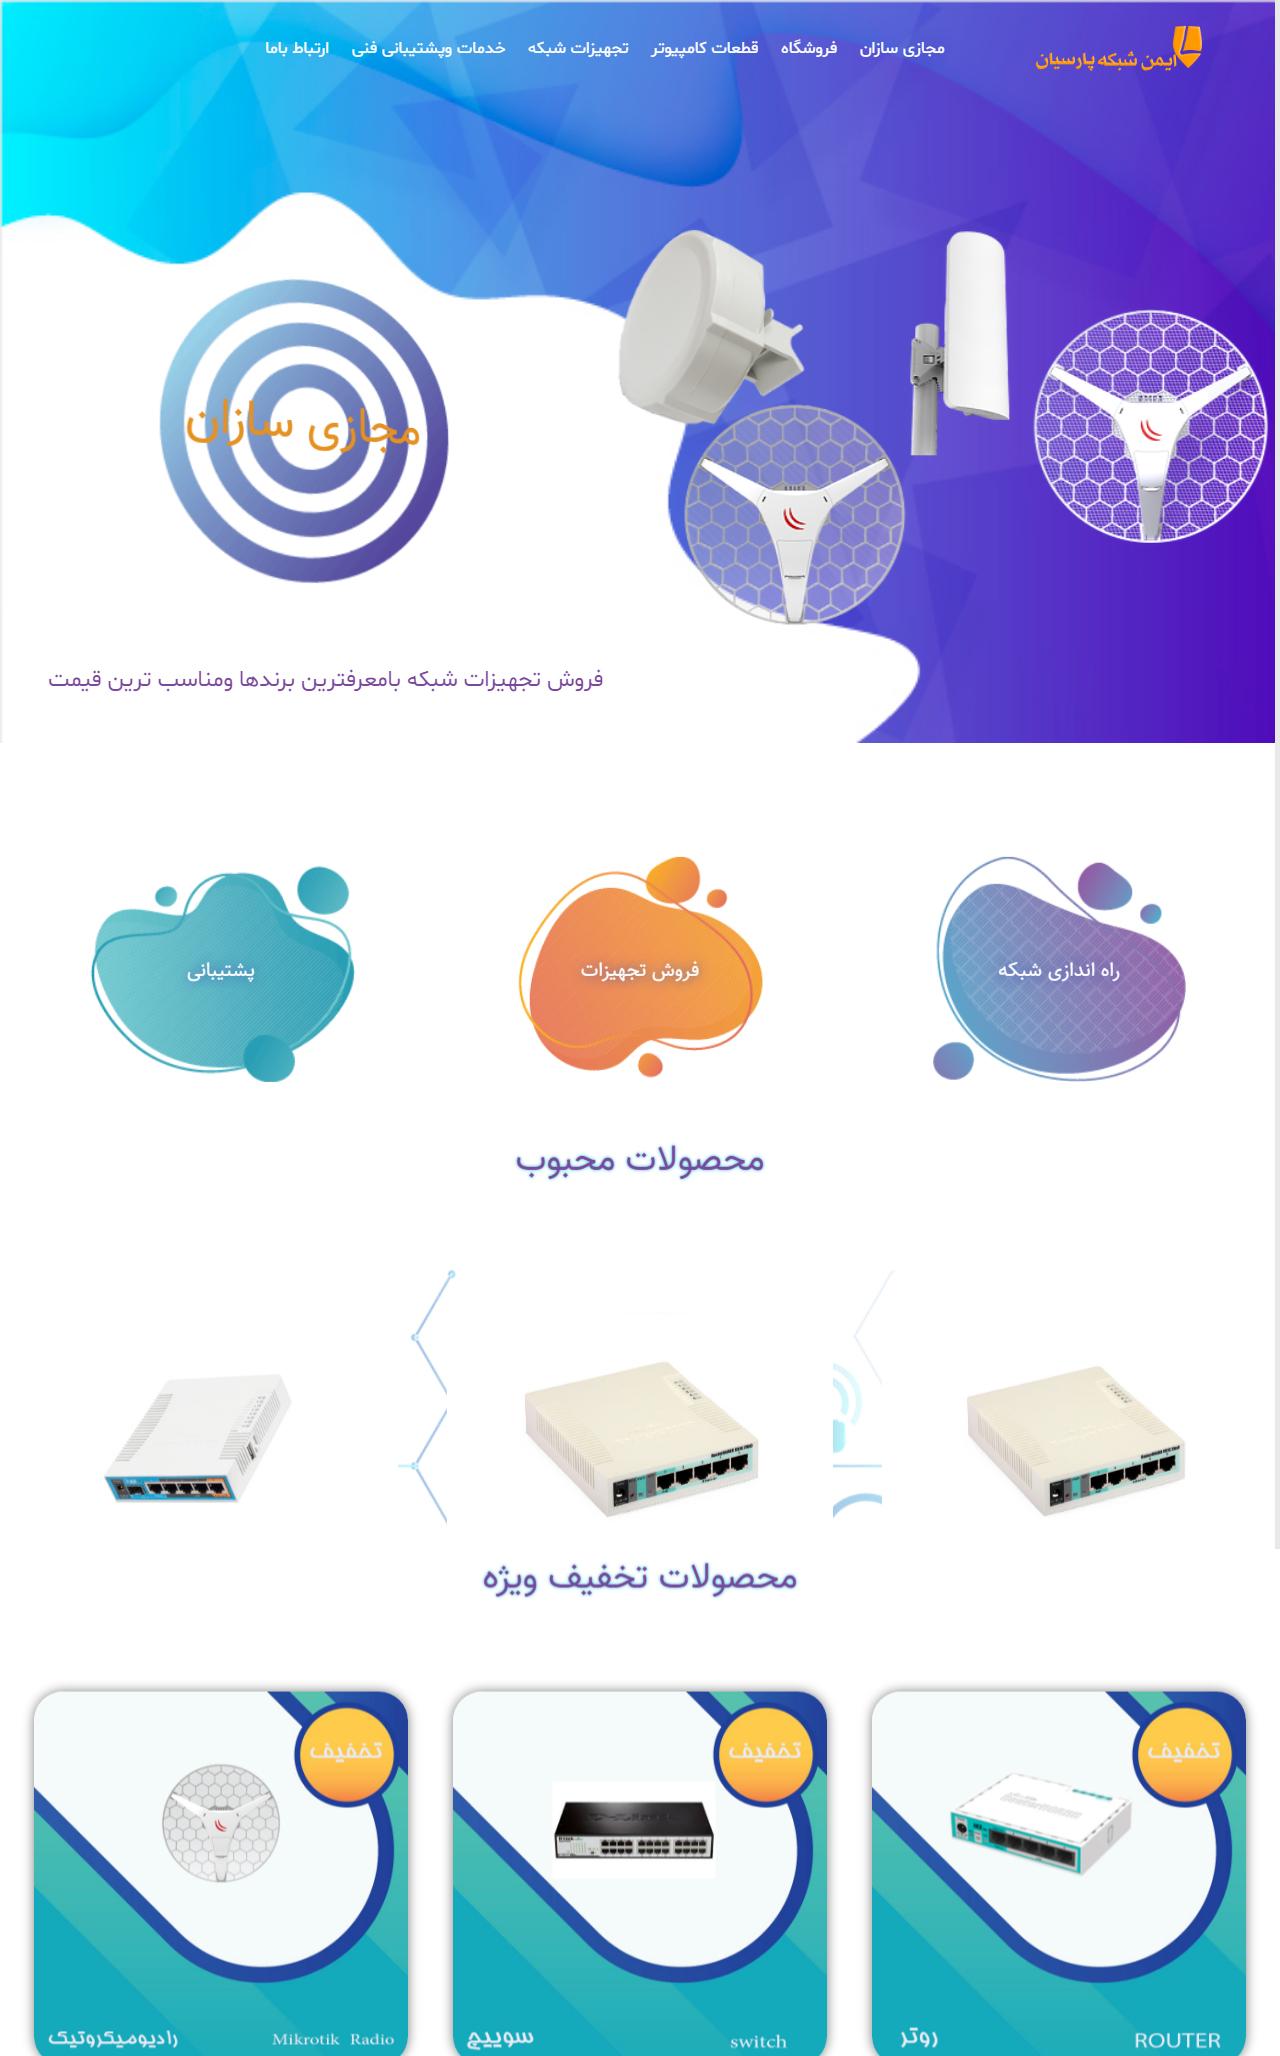 طراحی اختصاصی لندینگ پیج مجازی سازان